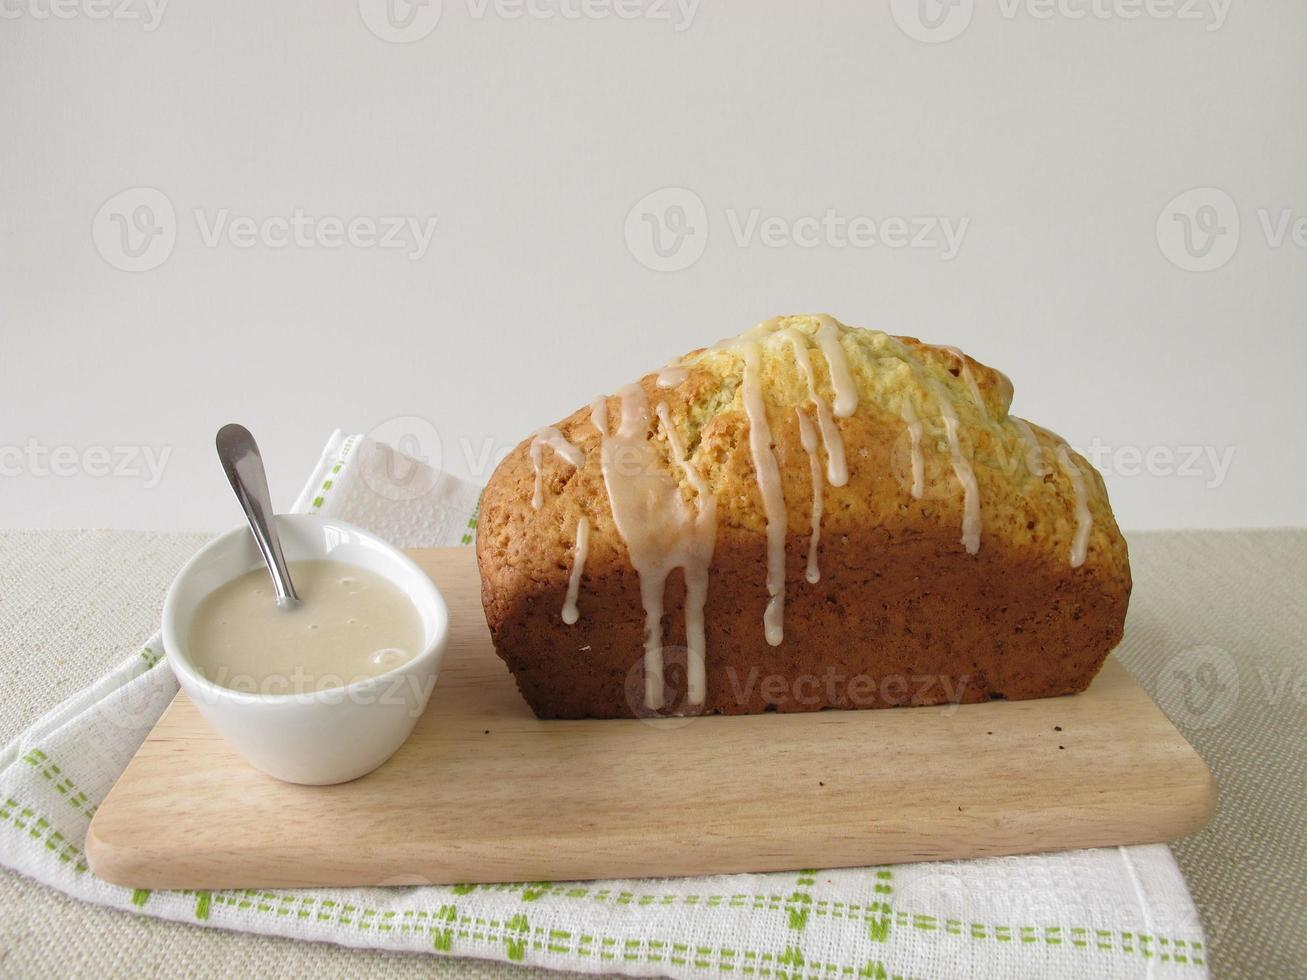 torta con glassa di zucchero foto